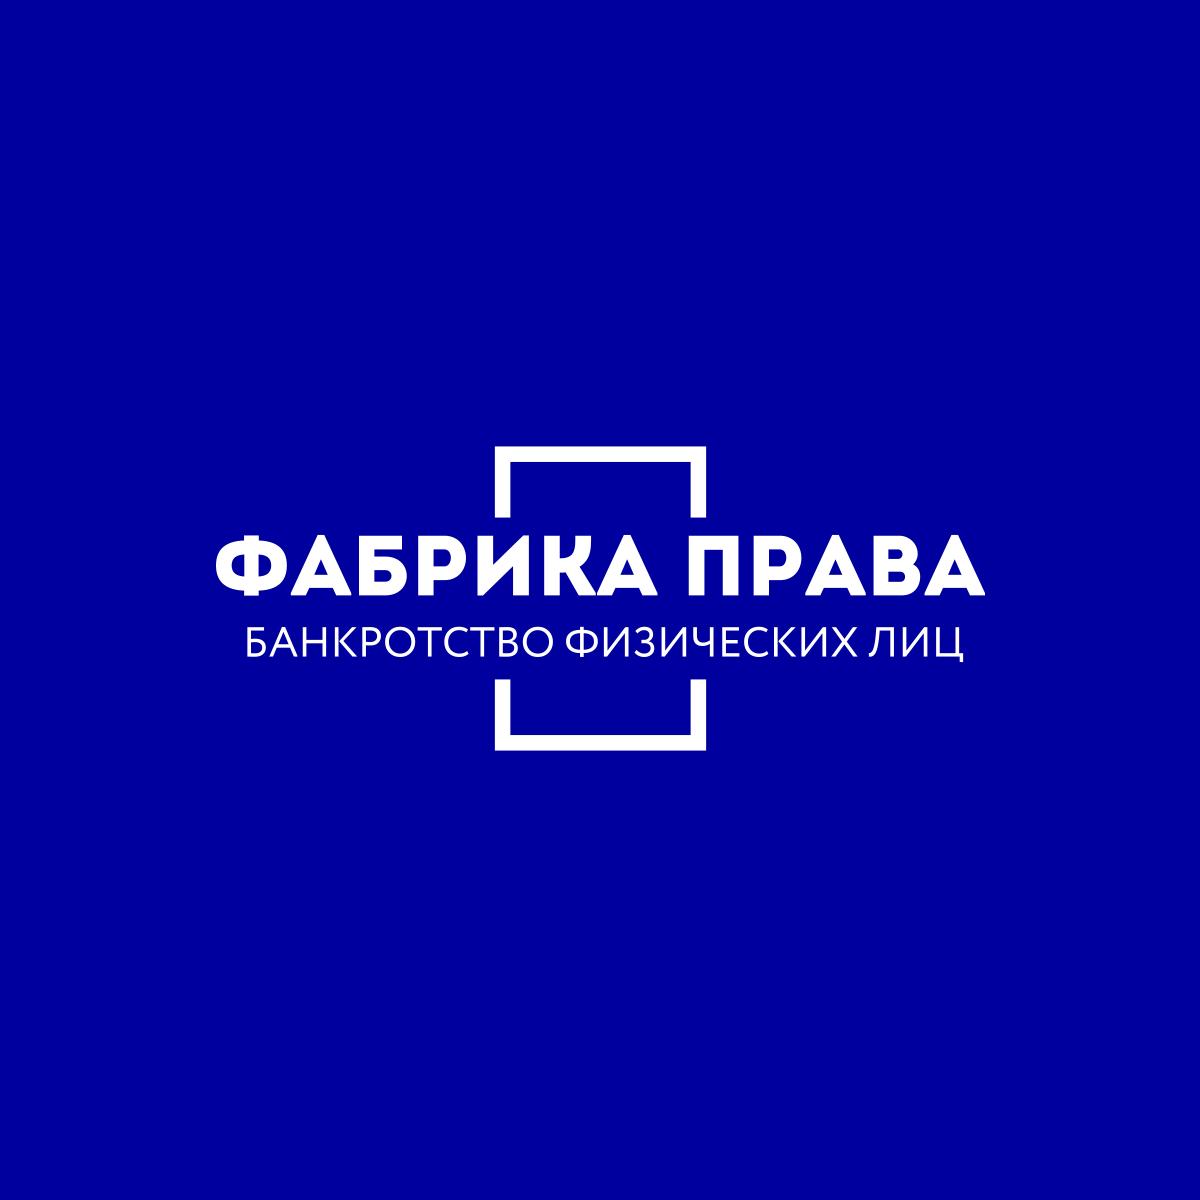 банкротство физических лиц белгород